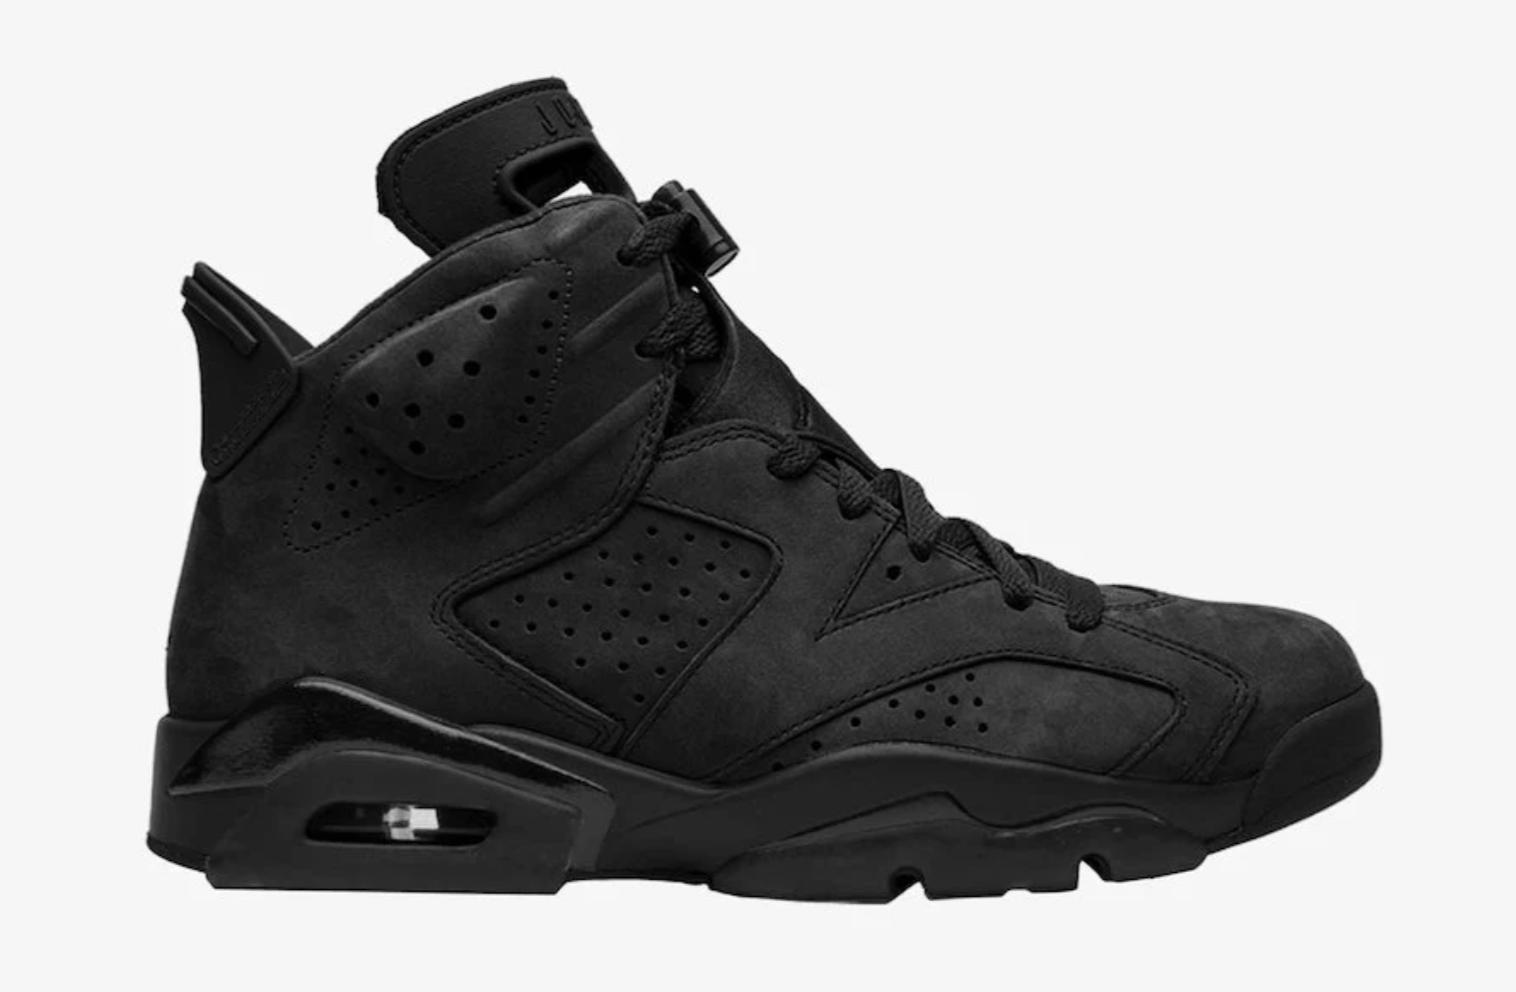 Nike WMNS Air Jordan 6 Retro SD TRIPLE BLACK_DB9818-001